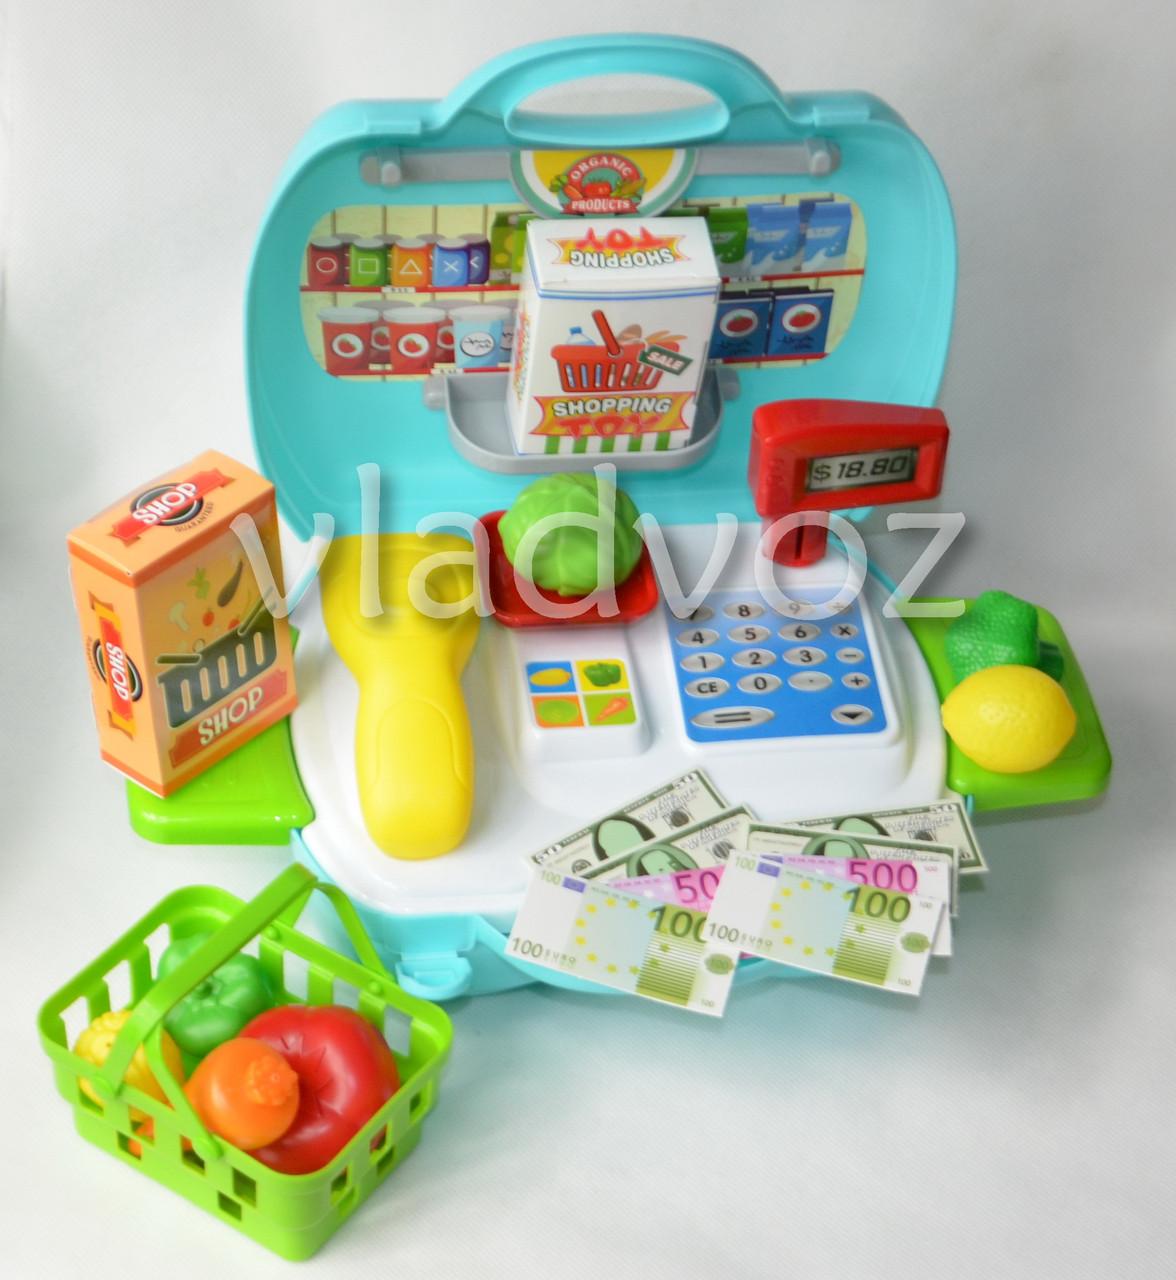 фото игрушки детской касса игрушечная набор магазин в чемоданчике игровая с сканером вид с переди